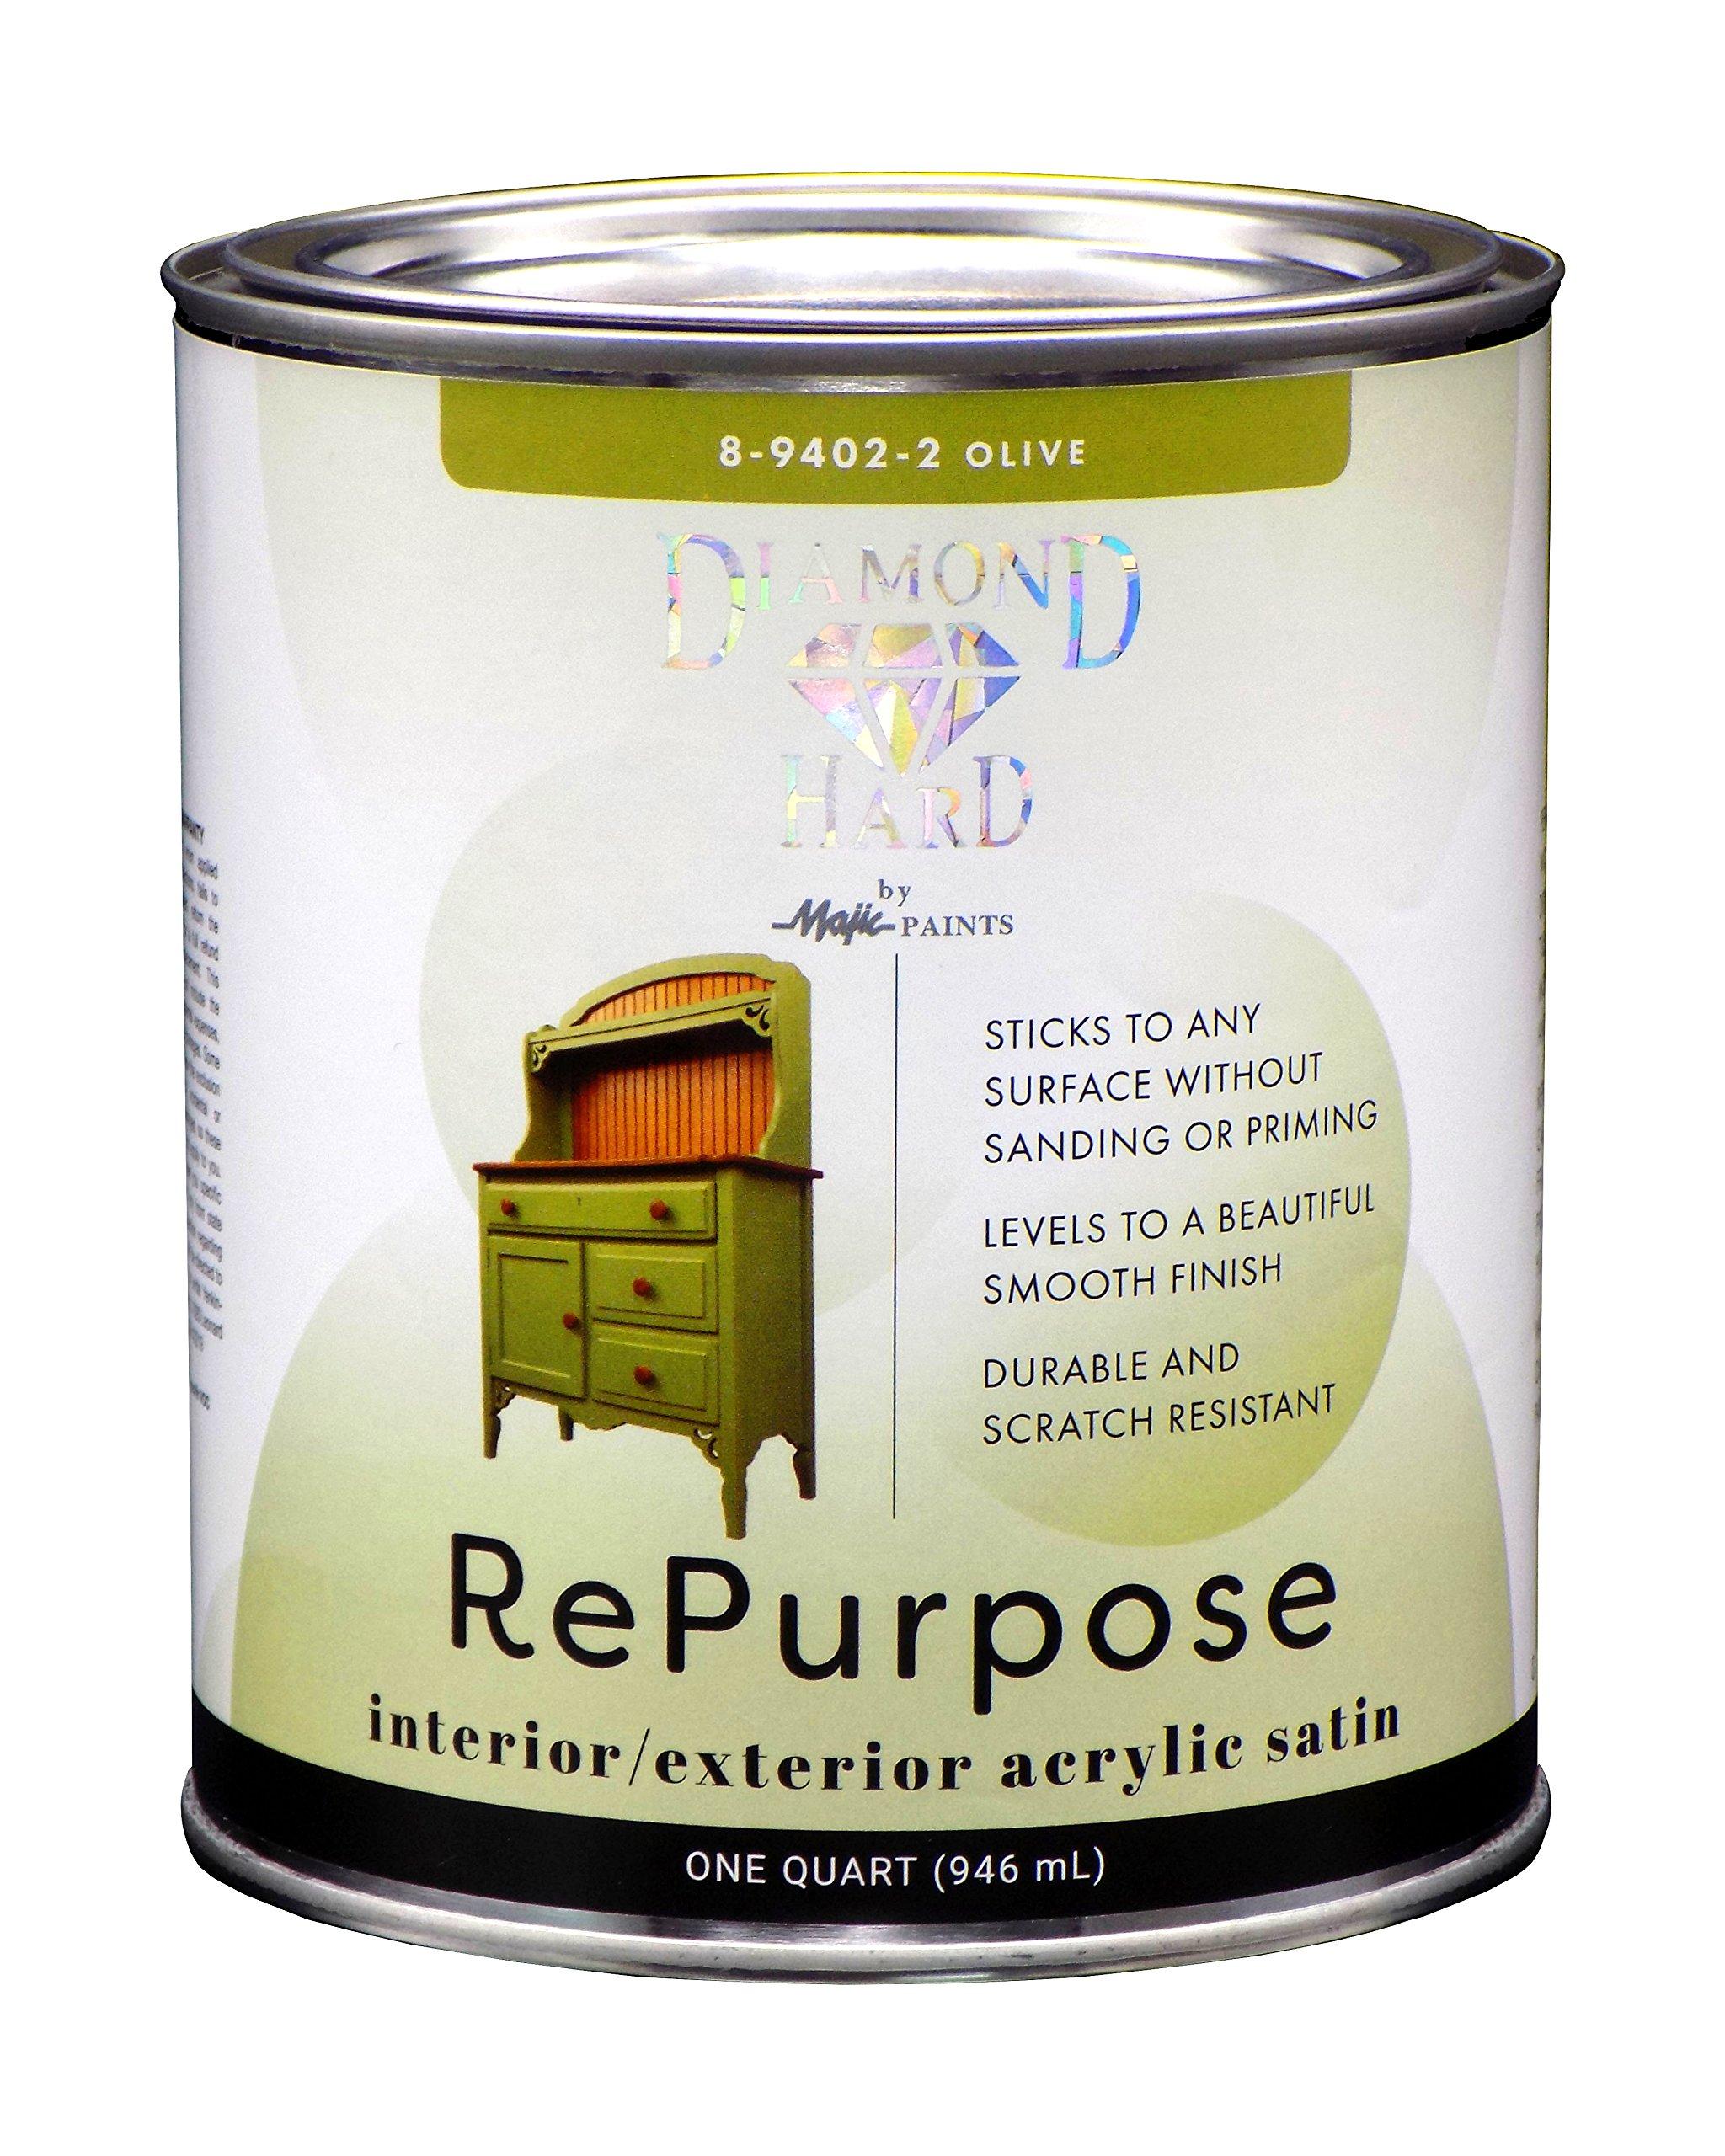 Majic Paints OB894022OB Diamond Hard Repurpose Enamel Paint, Quart, Olive